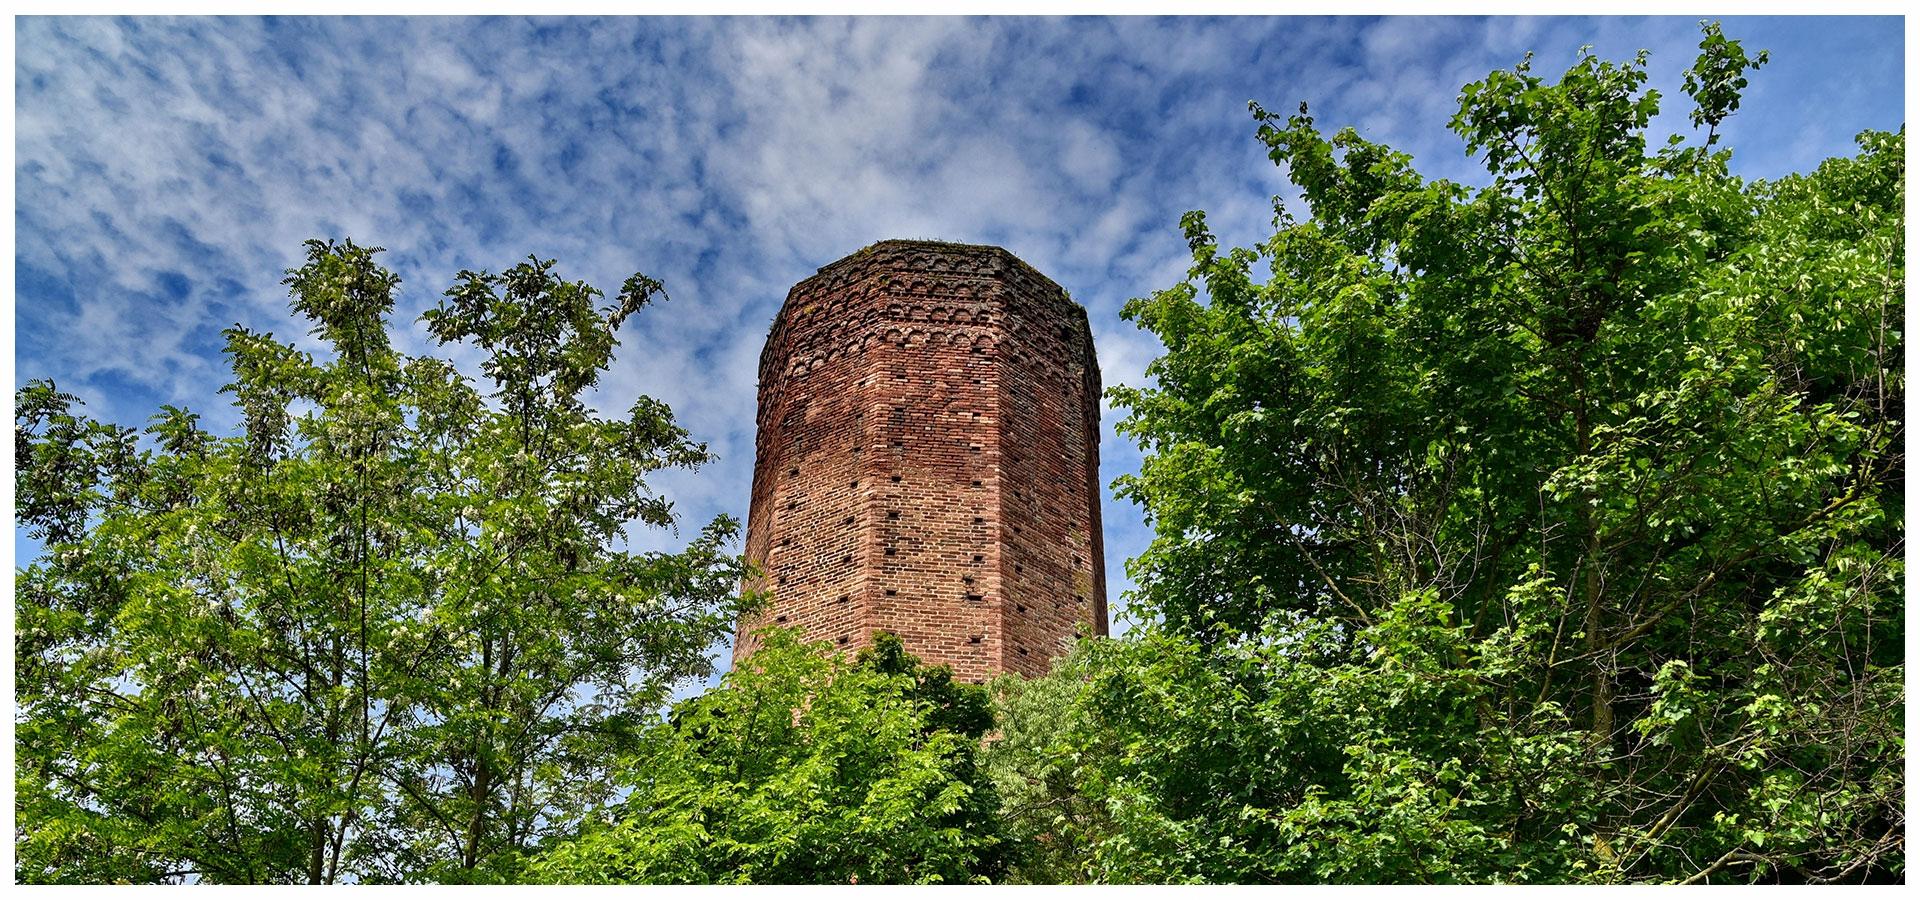 torre-di-corneliano d'alba langhe e roero comune piemonte turismo visita.jpg